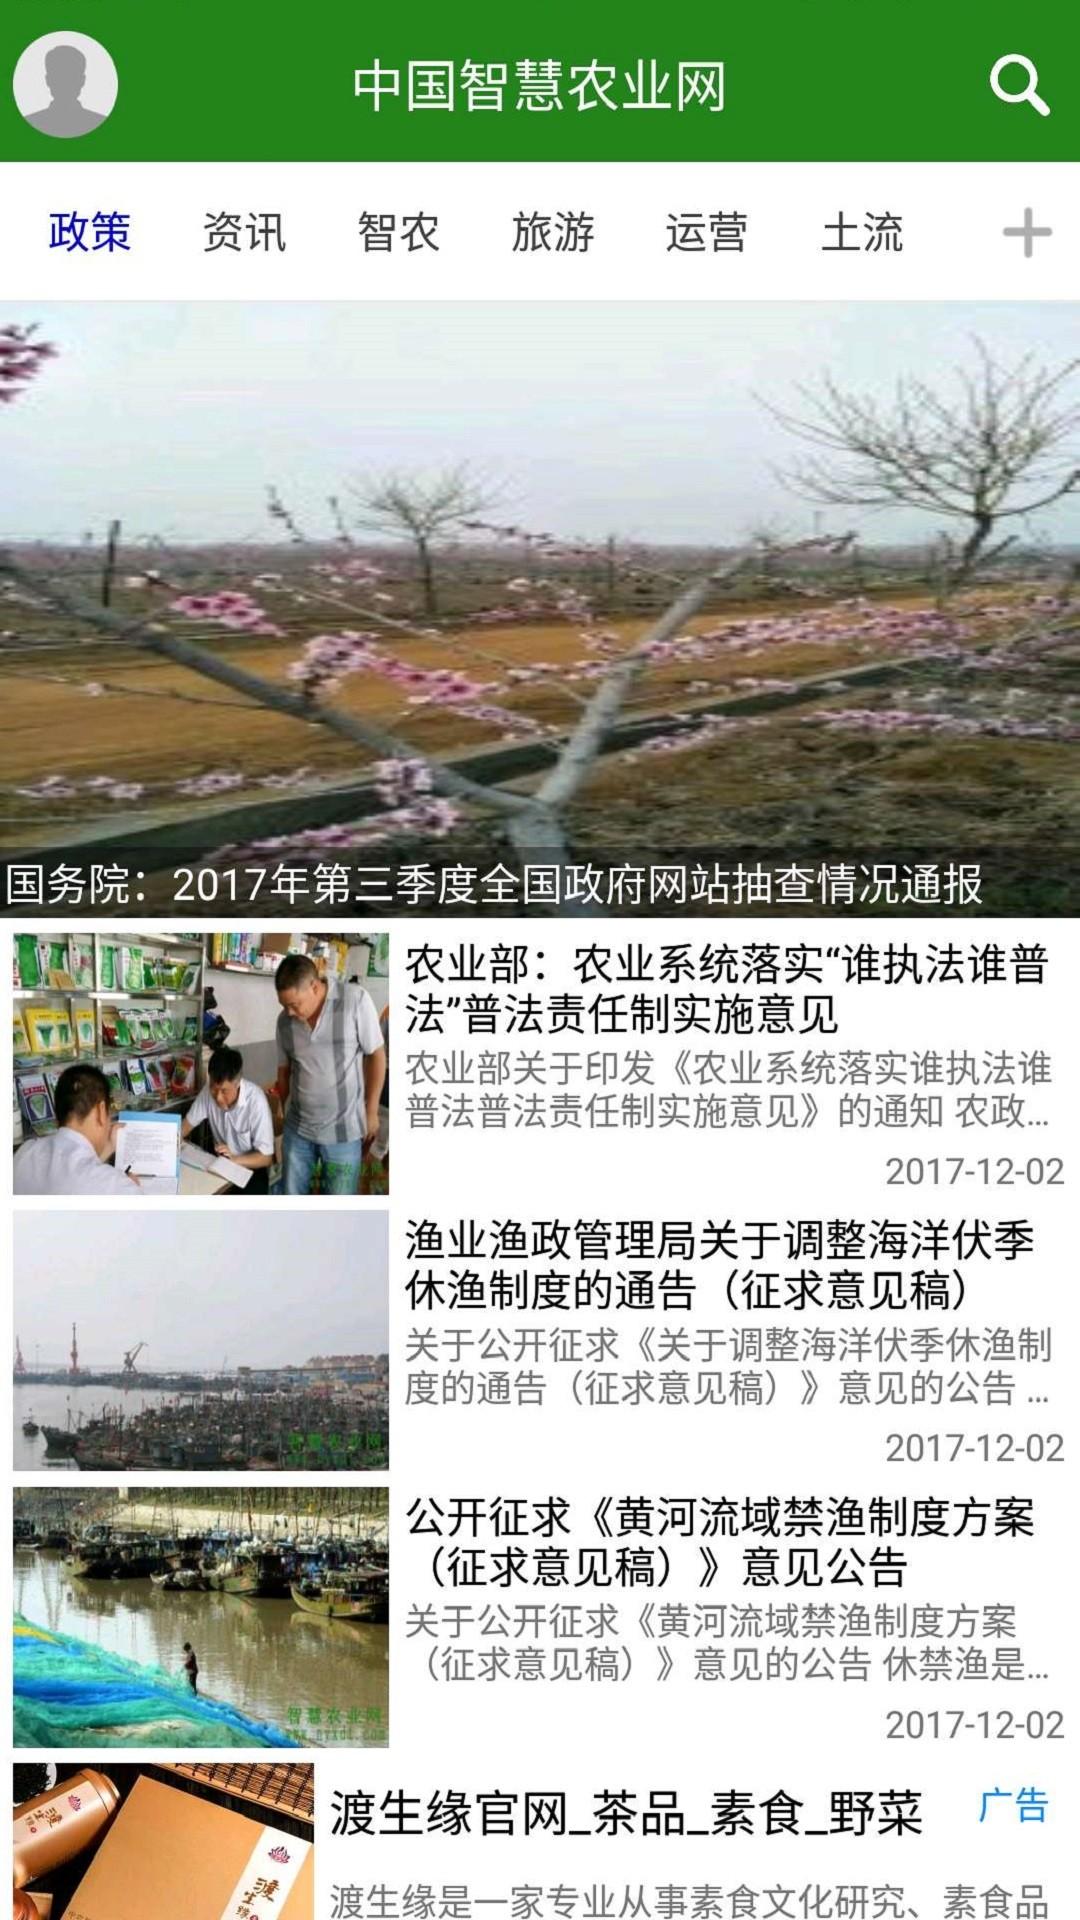 中国智慧农业网 2.1.5 手机版